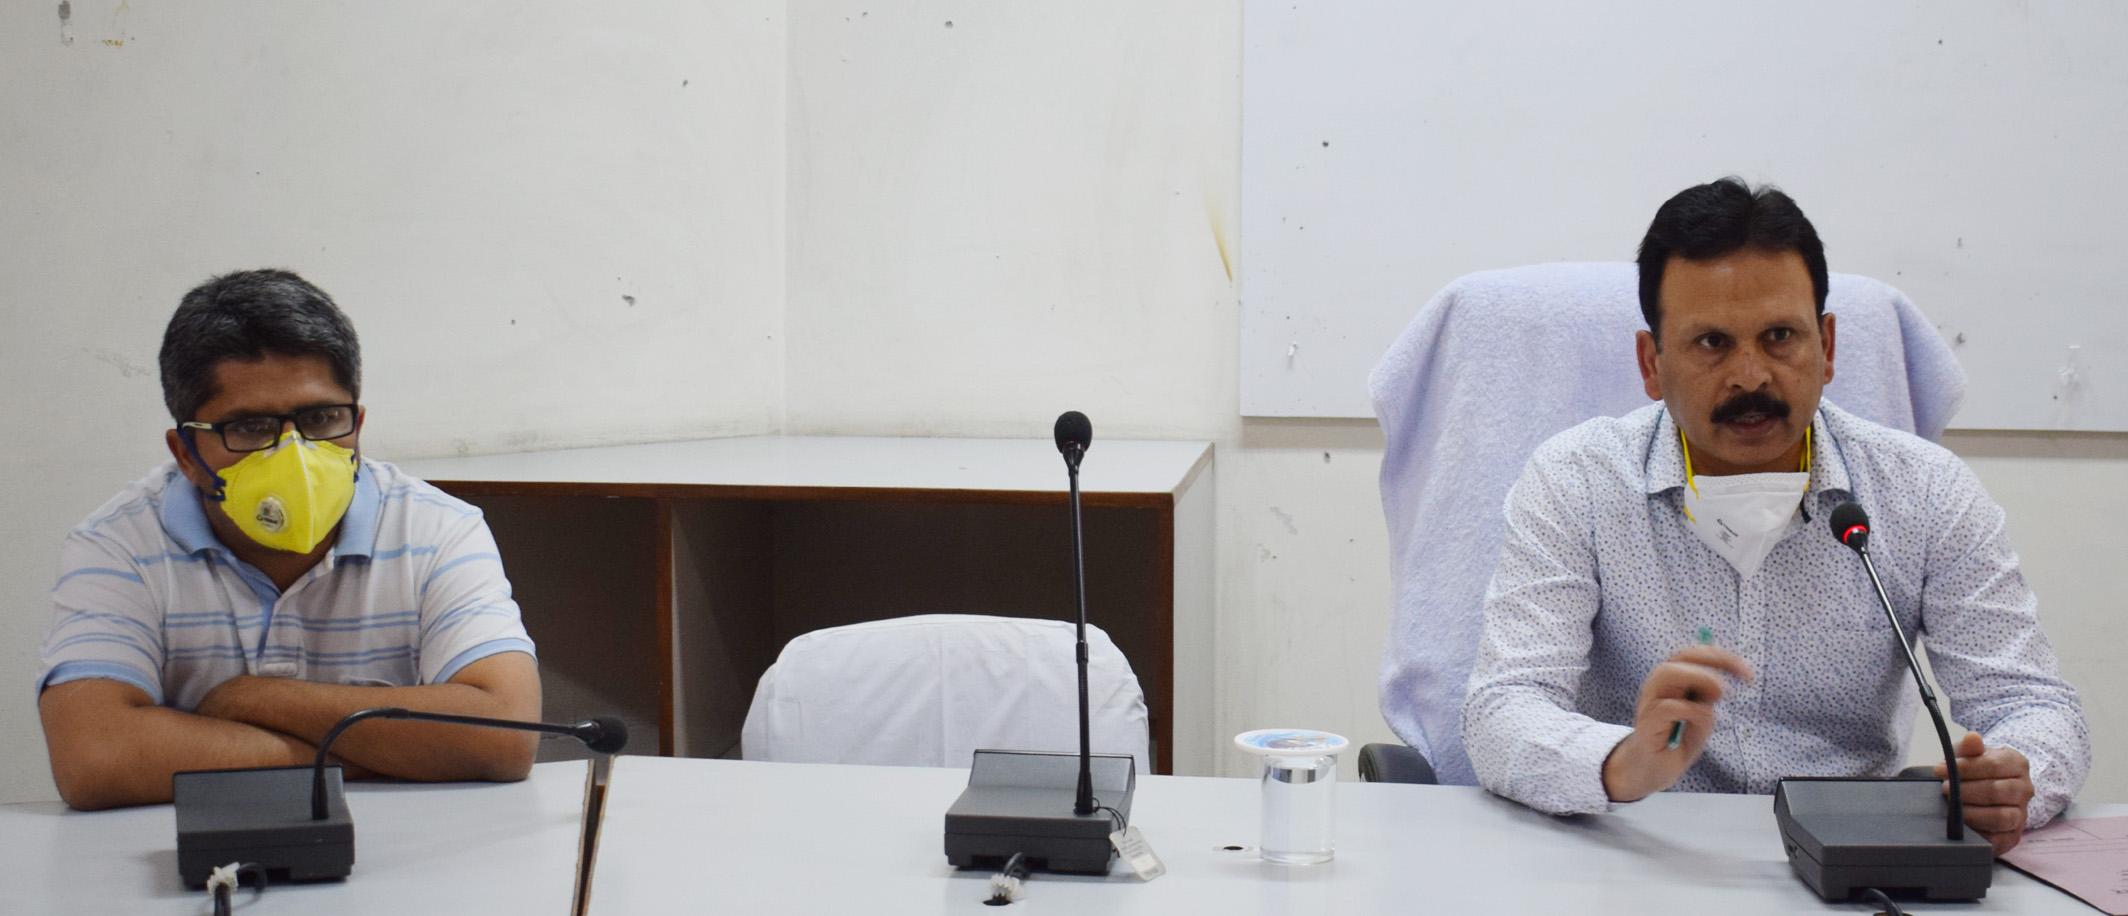 होम क्वारंटीन का उल्लंघन करने वालों पर दर्ज कराएं मामलाः डीसी संदीप कुमार